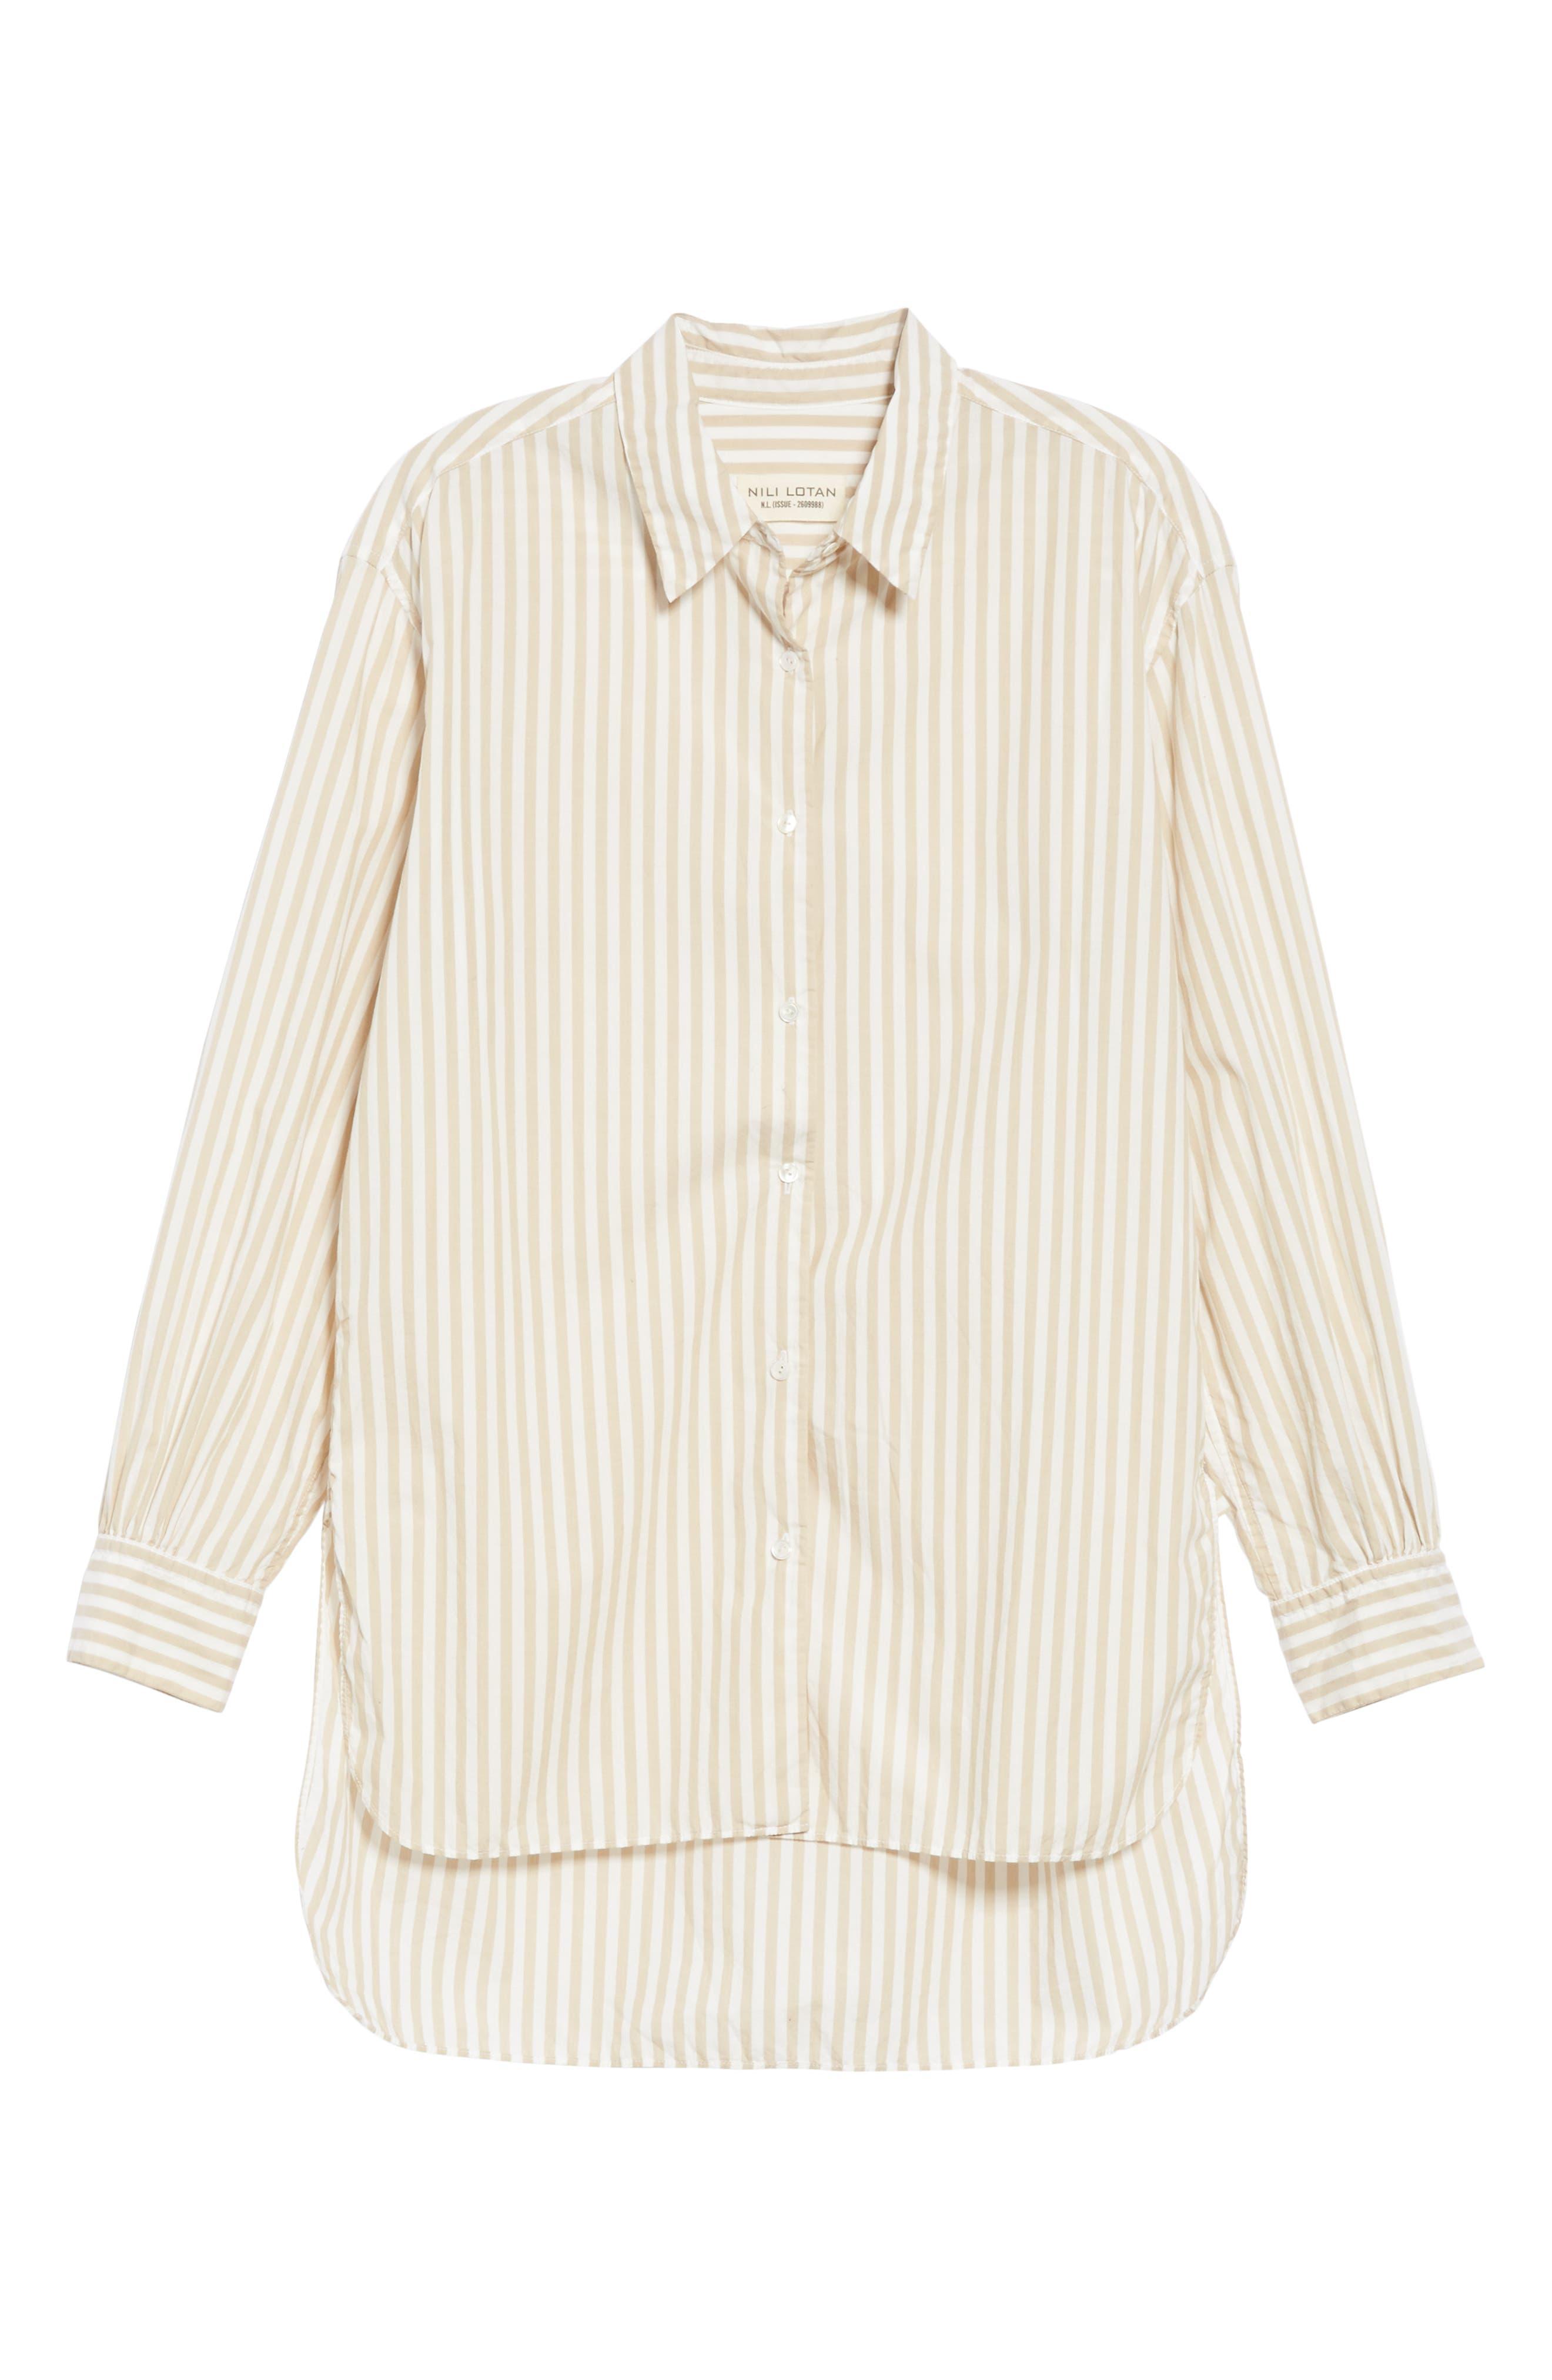 NILI LOTAN, Noa Stripe Shirt, Alternate thumbnail 6, color, TAN STRIPE